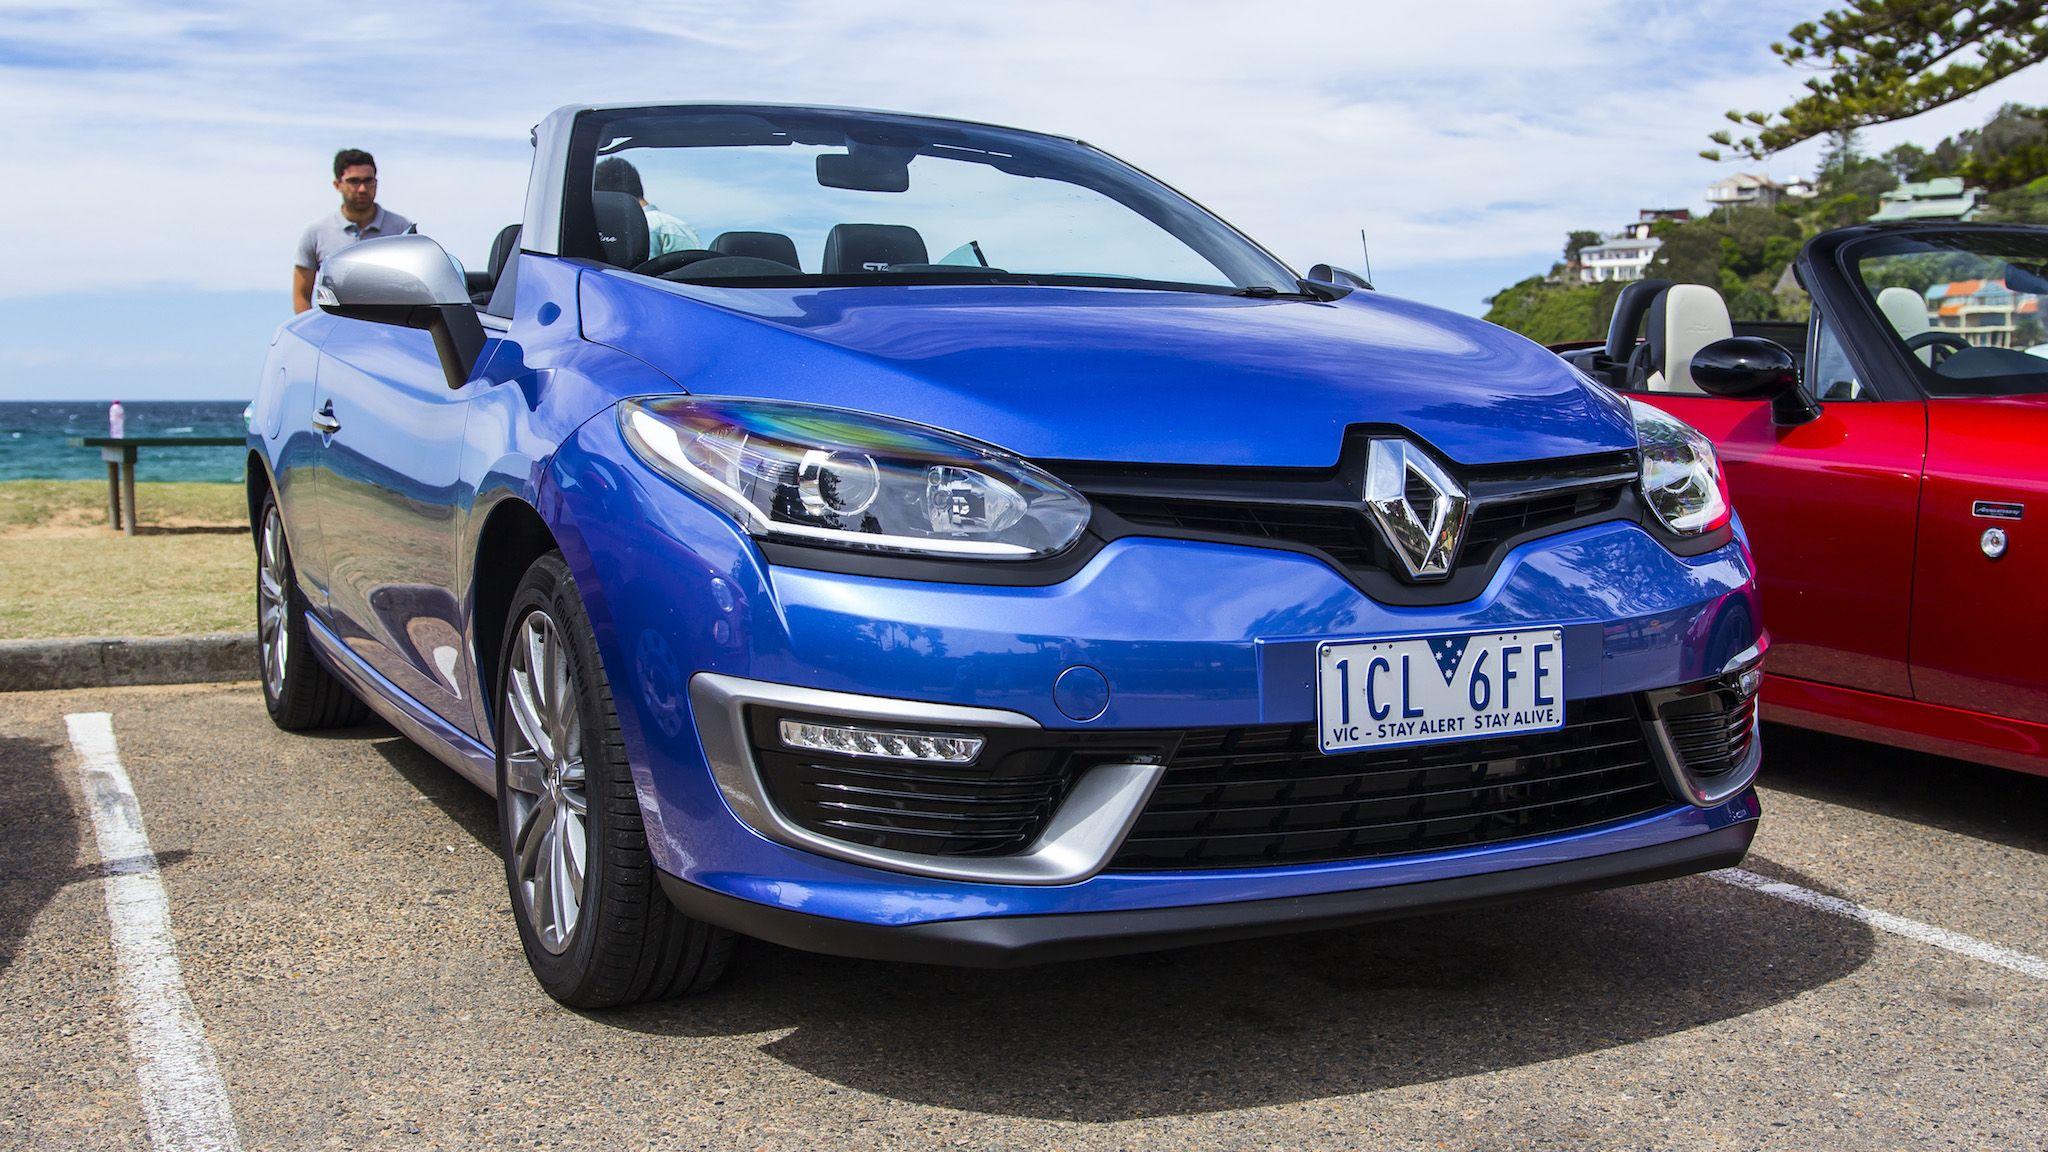 Renault Megane CC Review